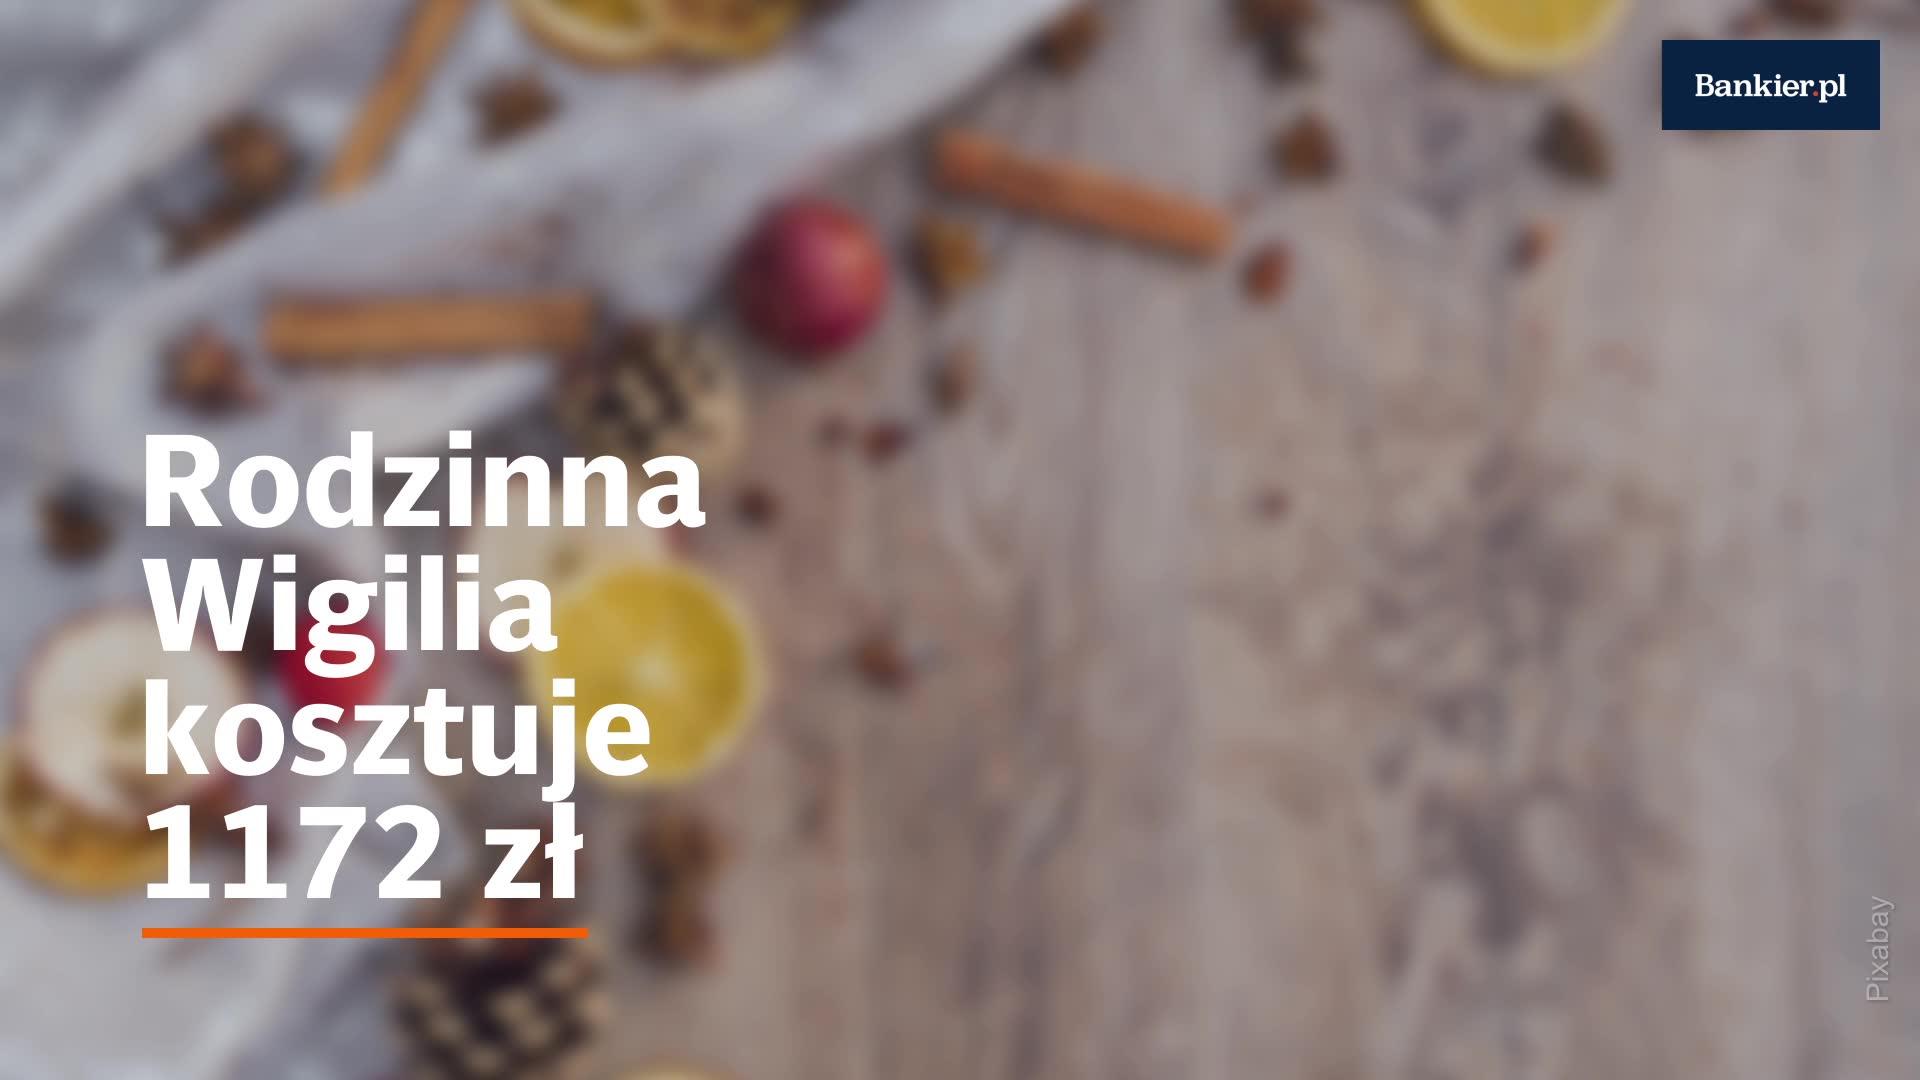 Rodzinna Wigilia kosztuje 1172 zł